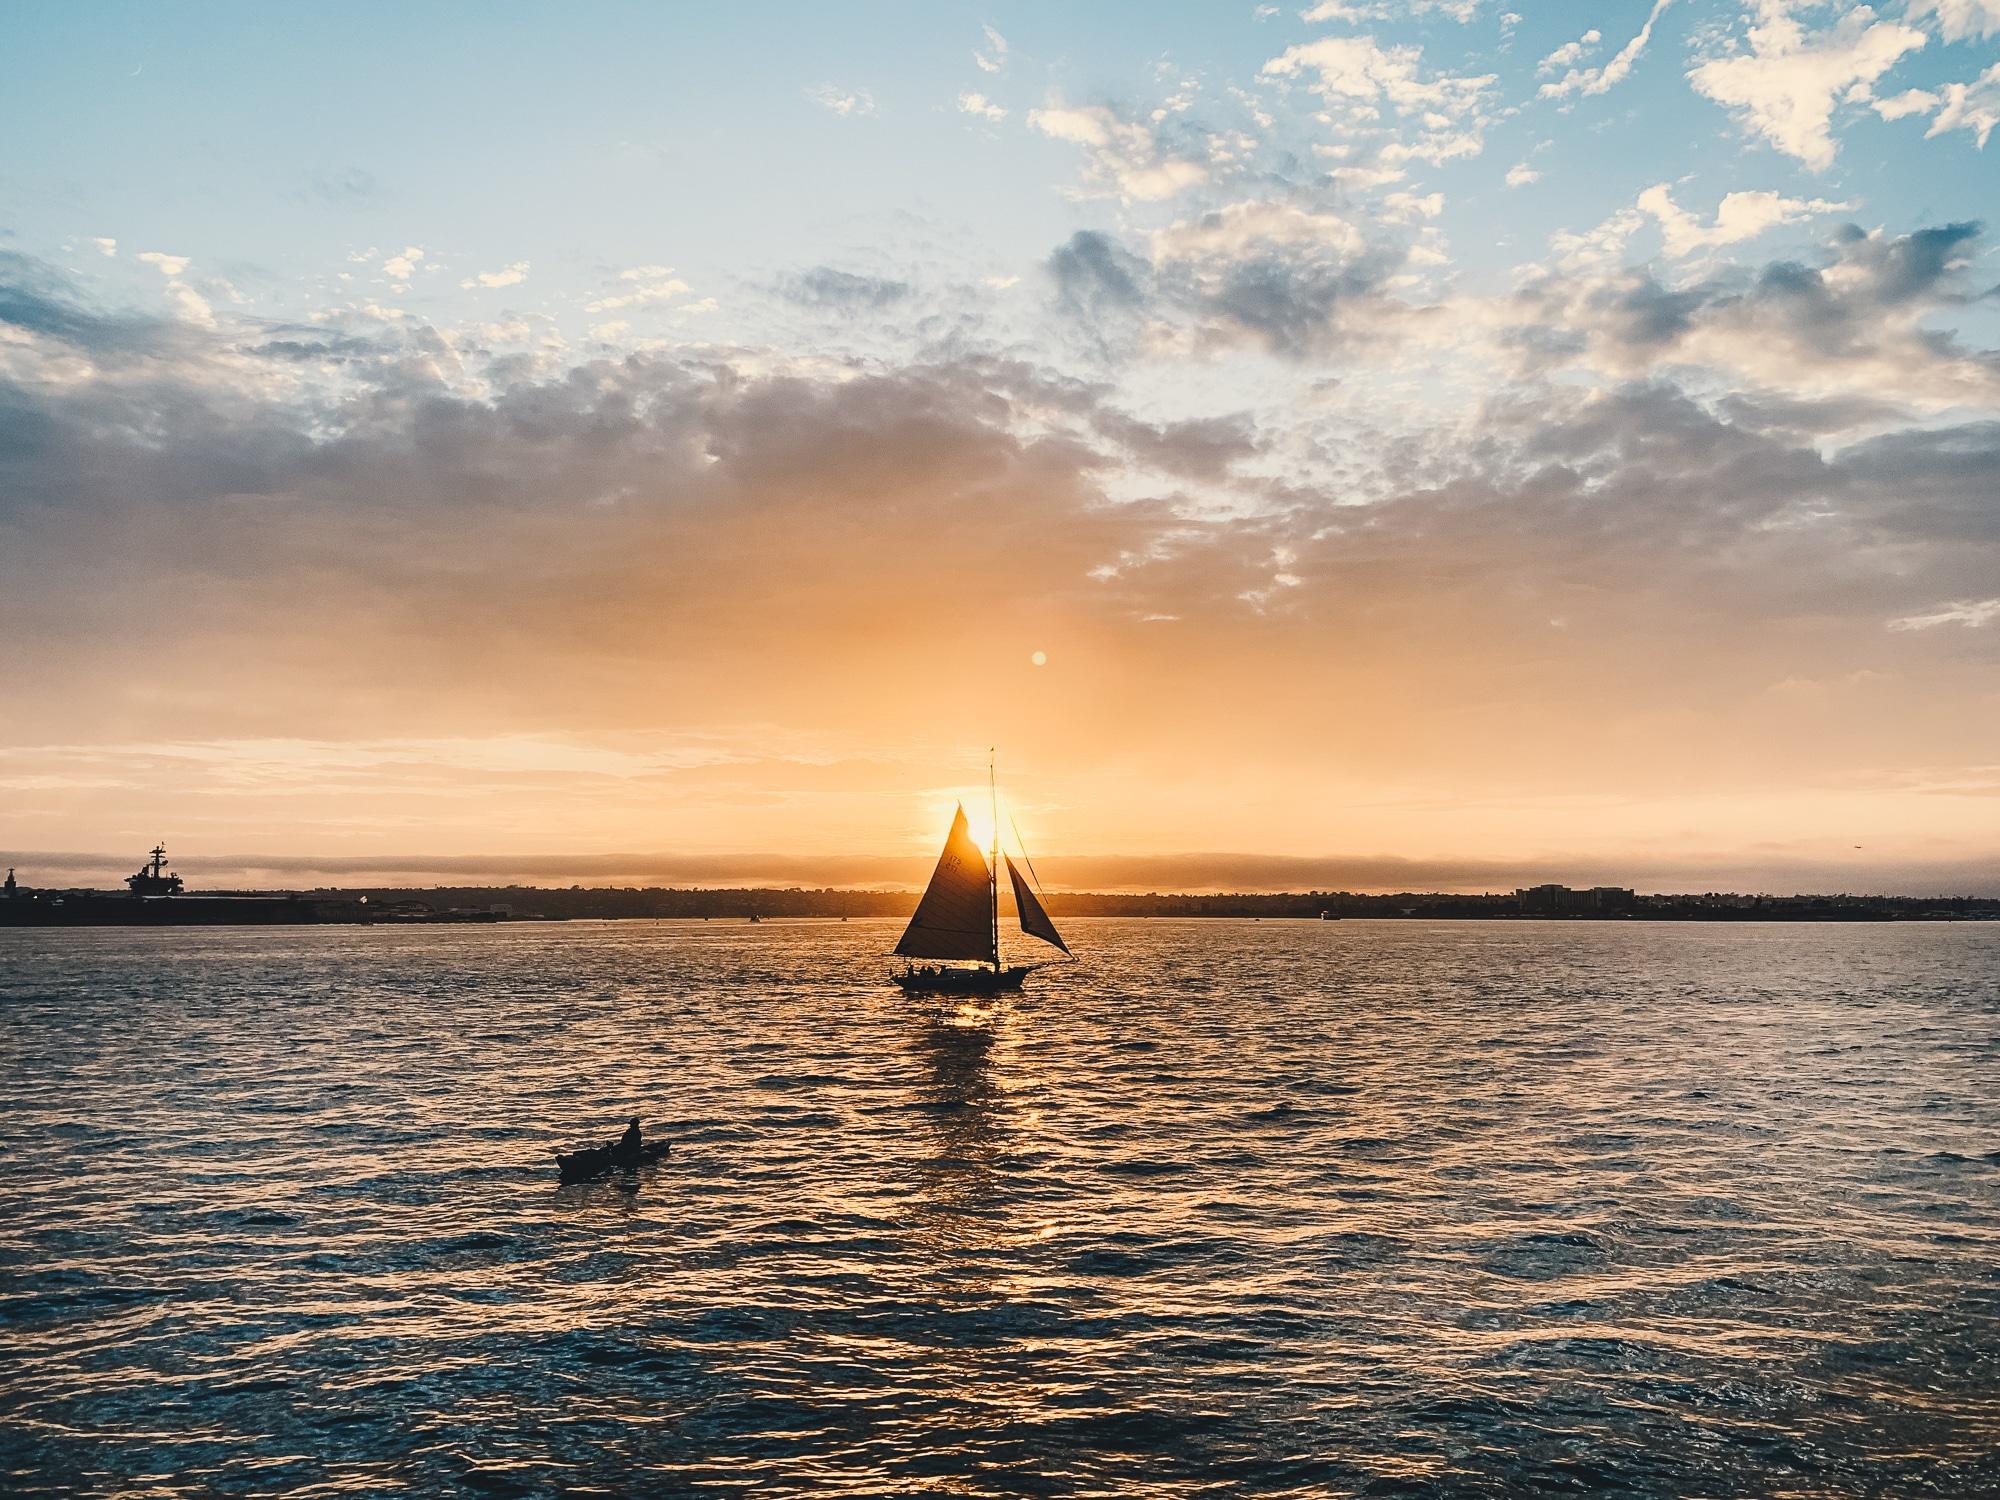 San Diego Sehenswürdigkeiten: Highlights und Things to do für eure Reise - Sonnenuntergang